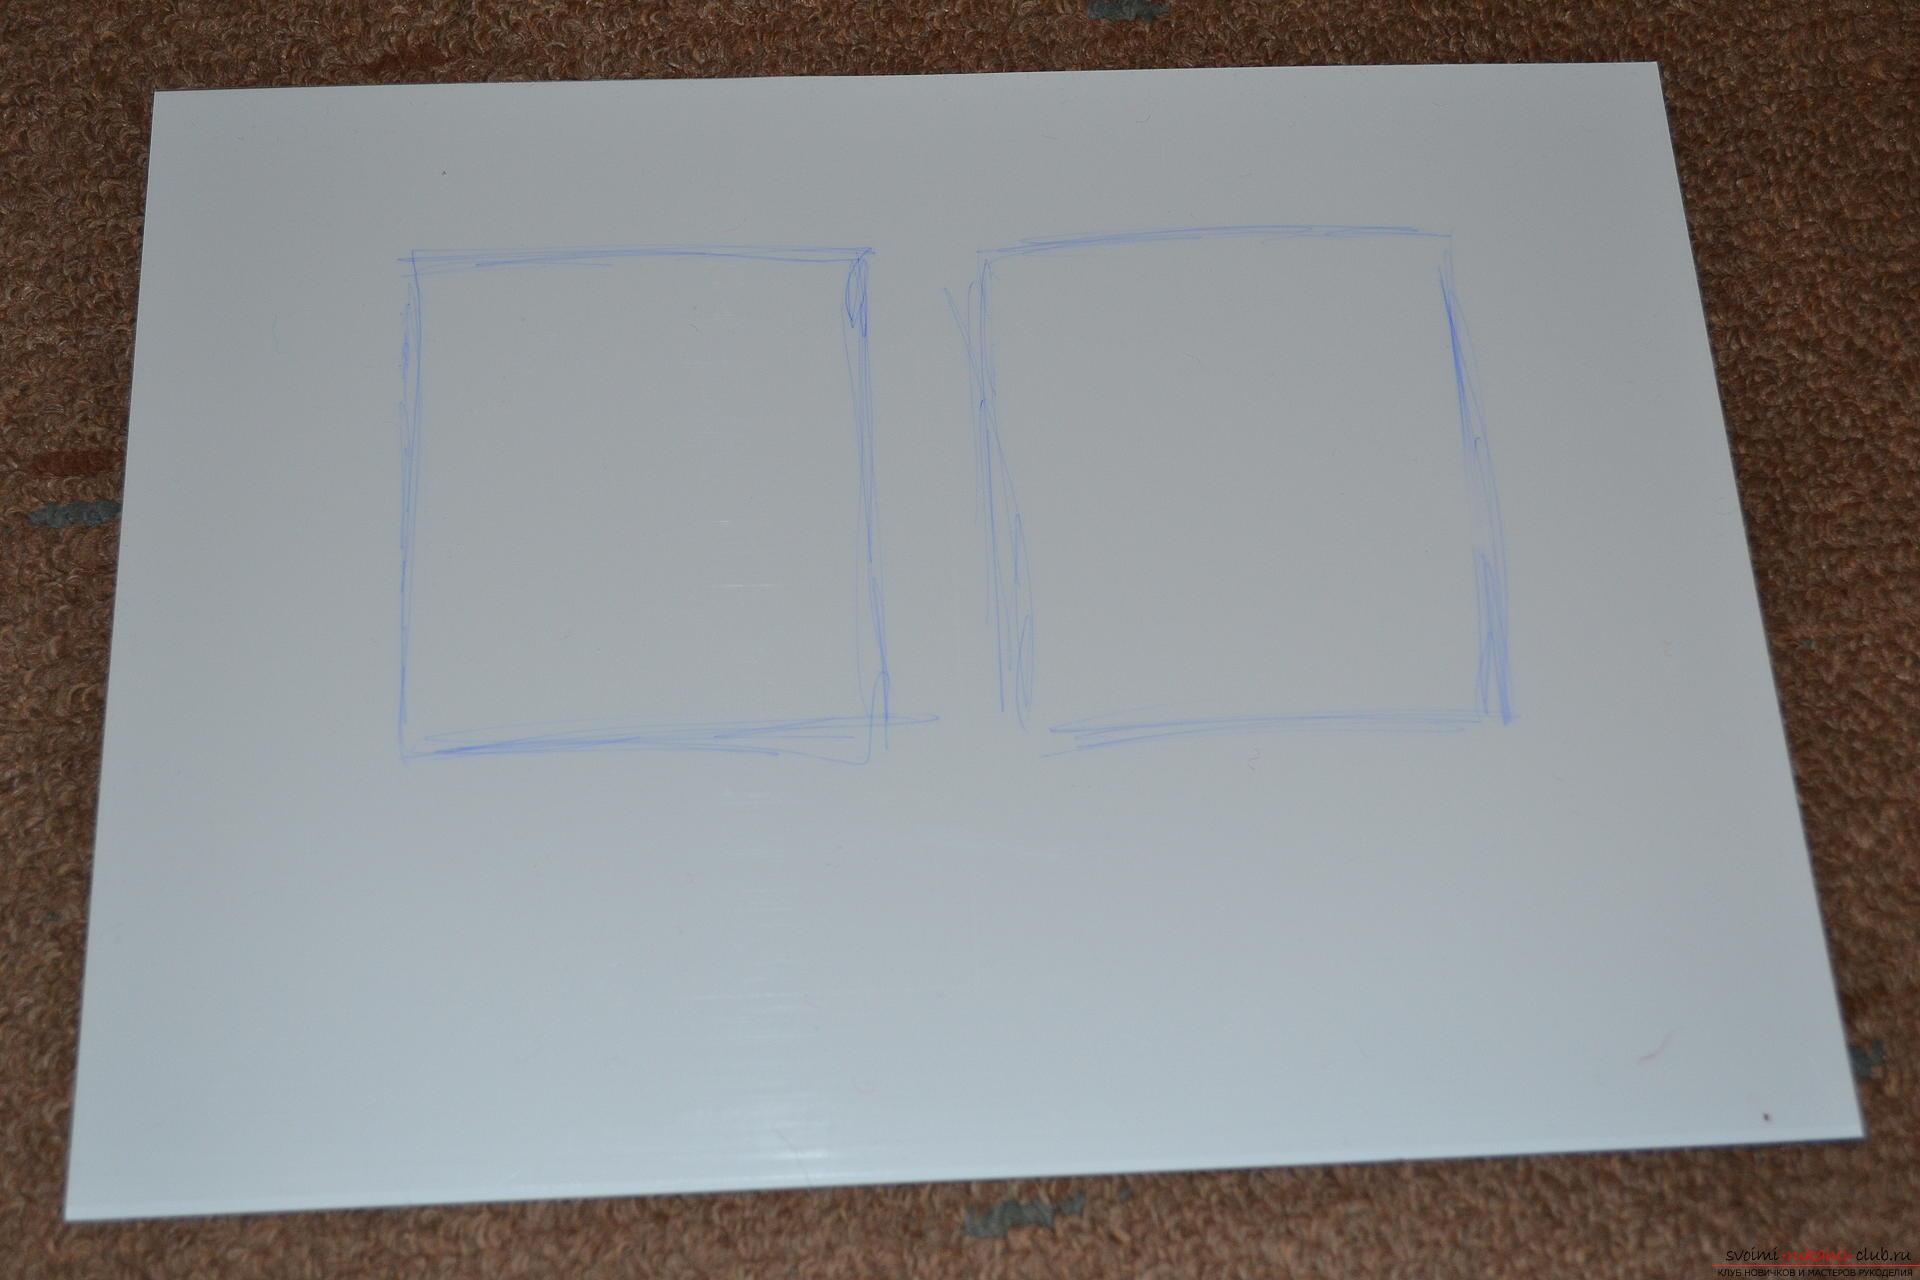 поделка из картона своими руками схема паровозика